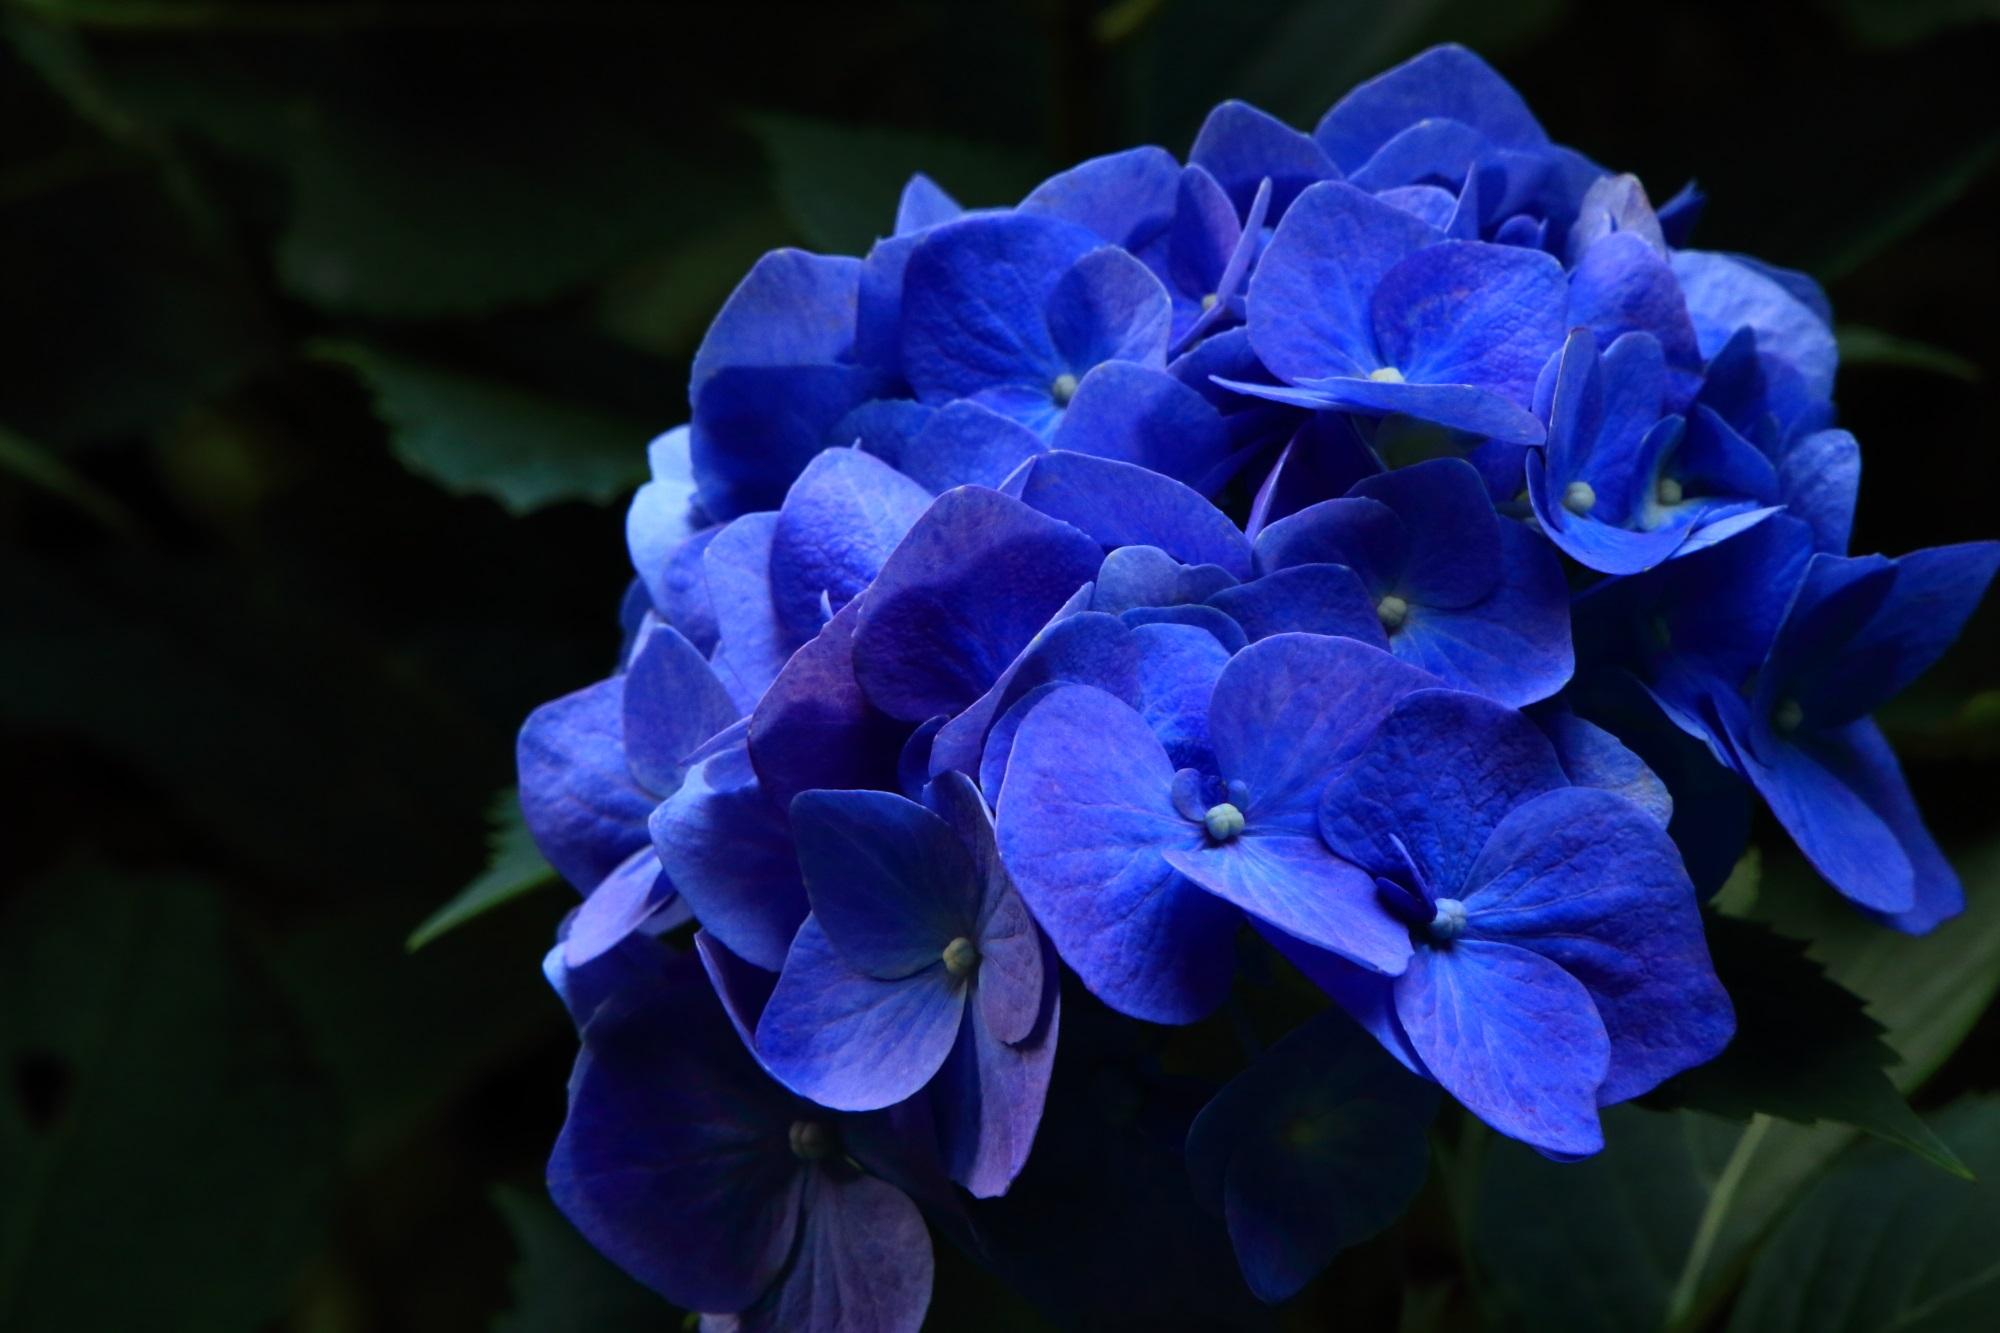 暗闇の中でも輝きそうな色合いのかなり鮮やかな青色の紫陽花